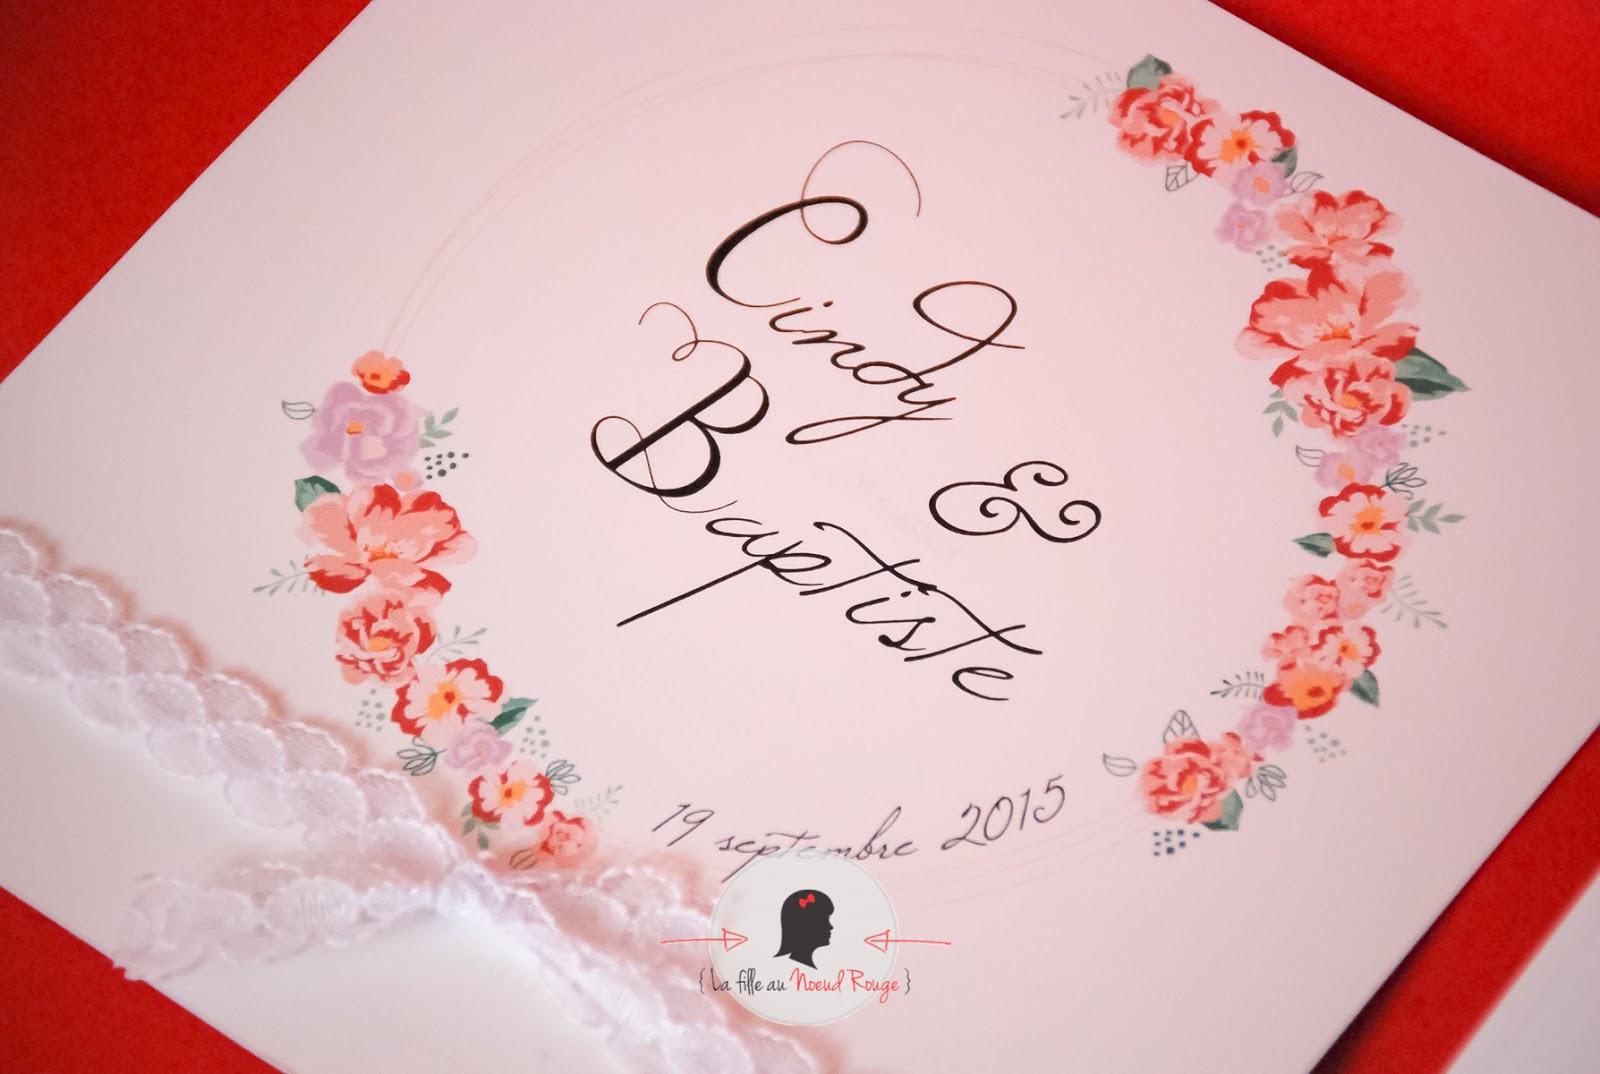 Bien connu Le faire-part de mariage romantique de C&B - La fille au Noeud  TK33